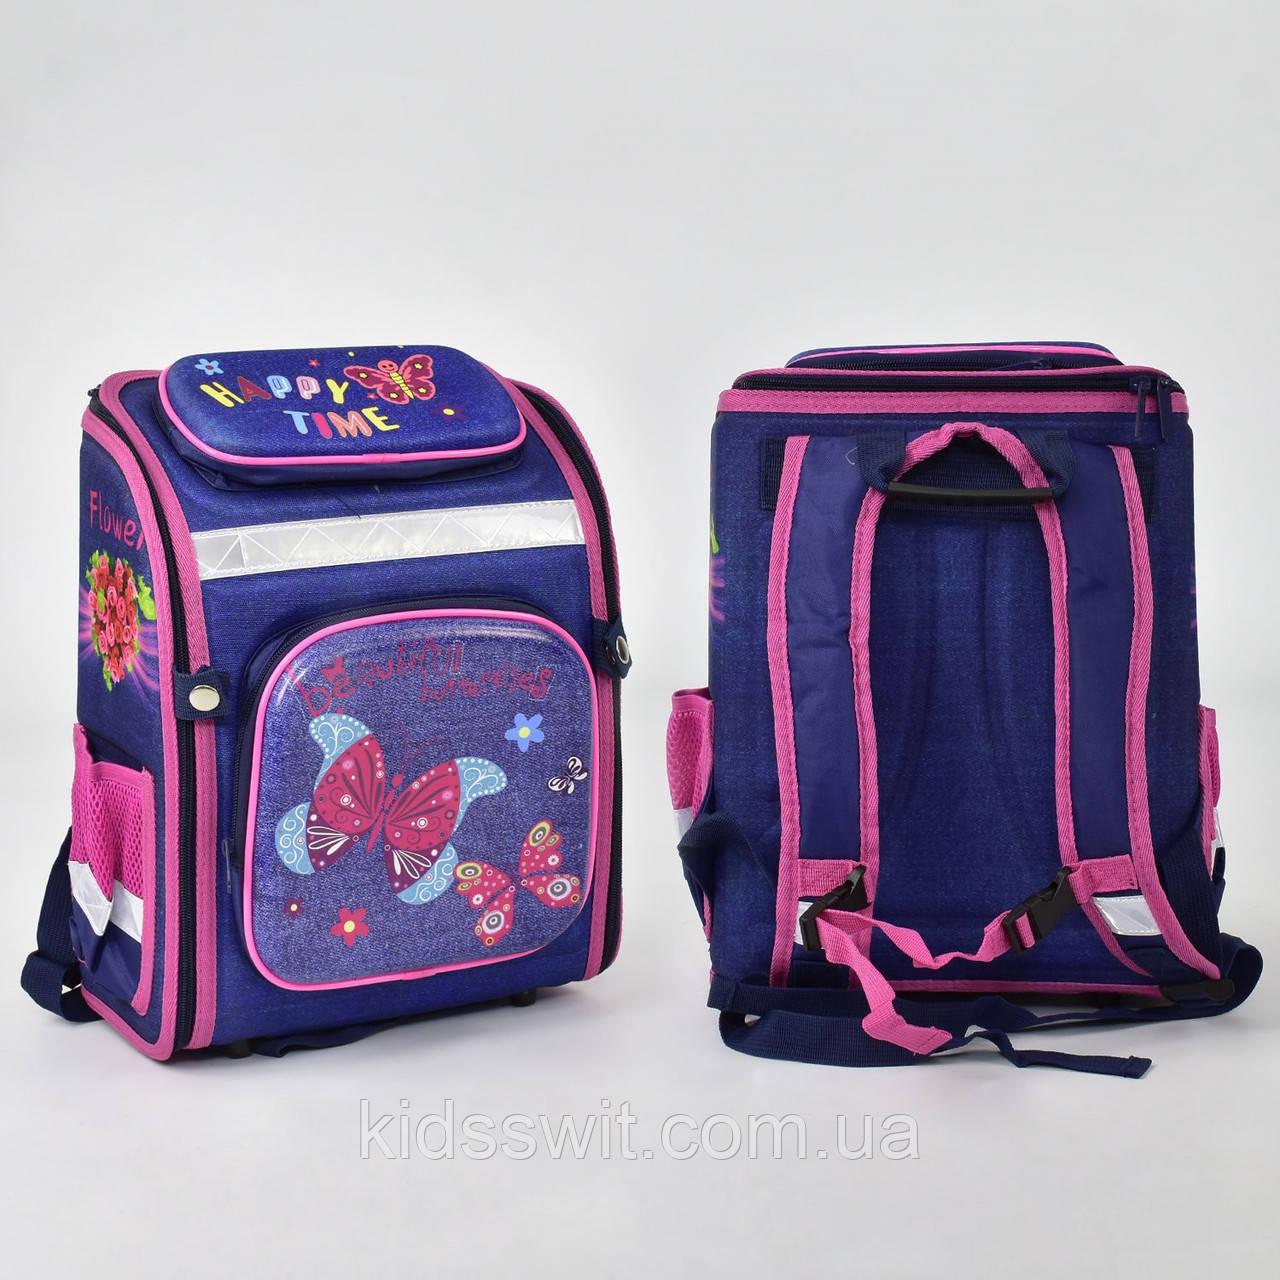 Рюкзак школьный каркасный 1 отделение, 4 кармана, спинка ортопедическая N 00180